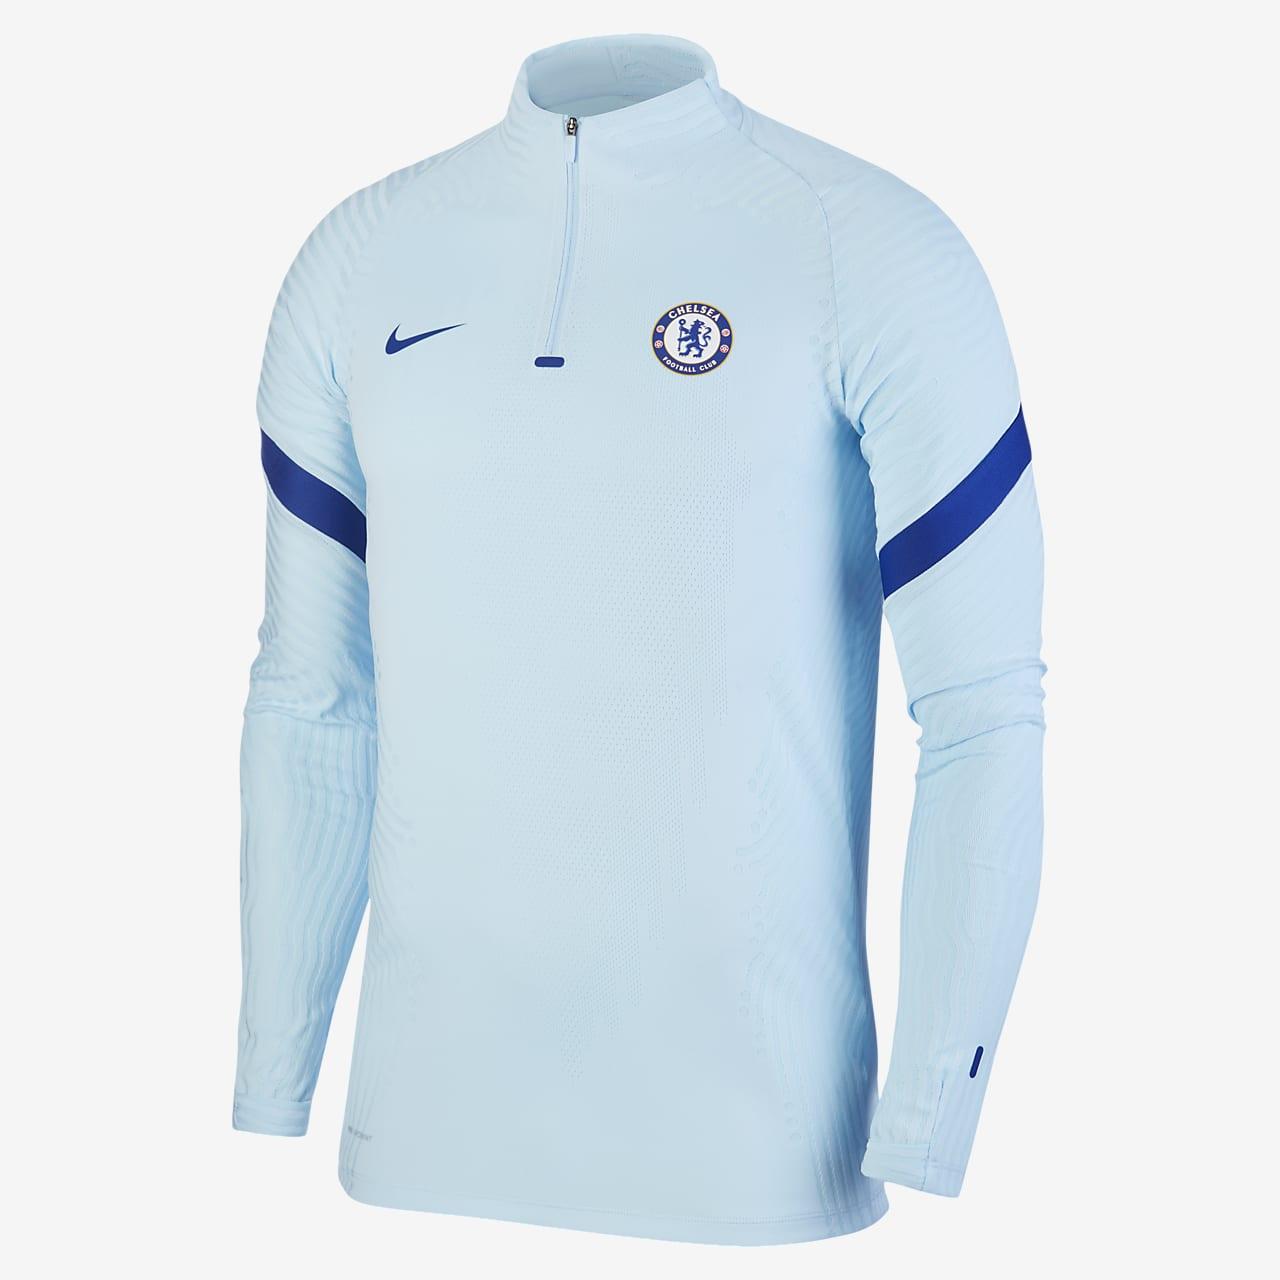 Haut d'entraînement de football Chelsea FC VaporKnit Strike pour Homme